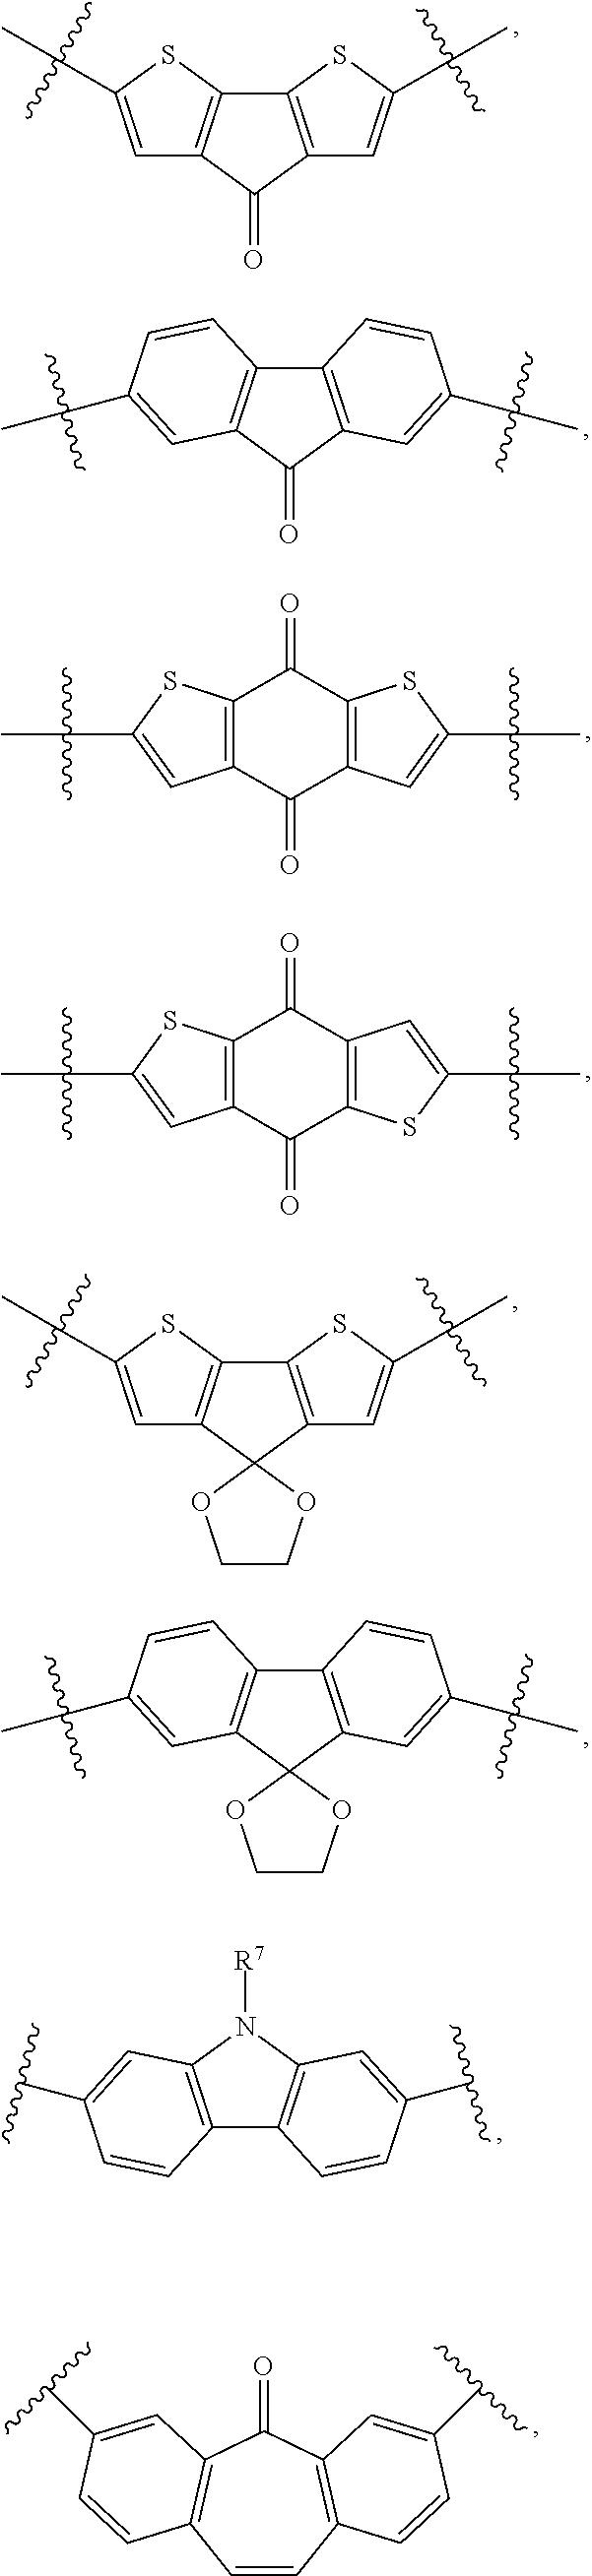 Figure US08329855-20121211-C00081